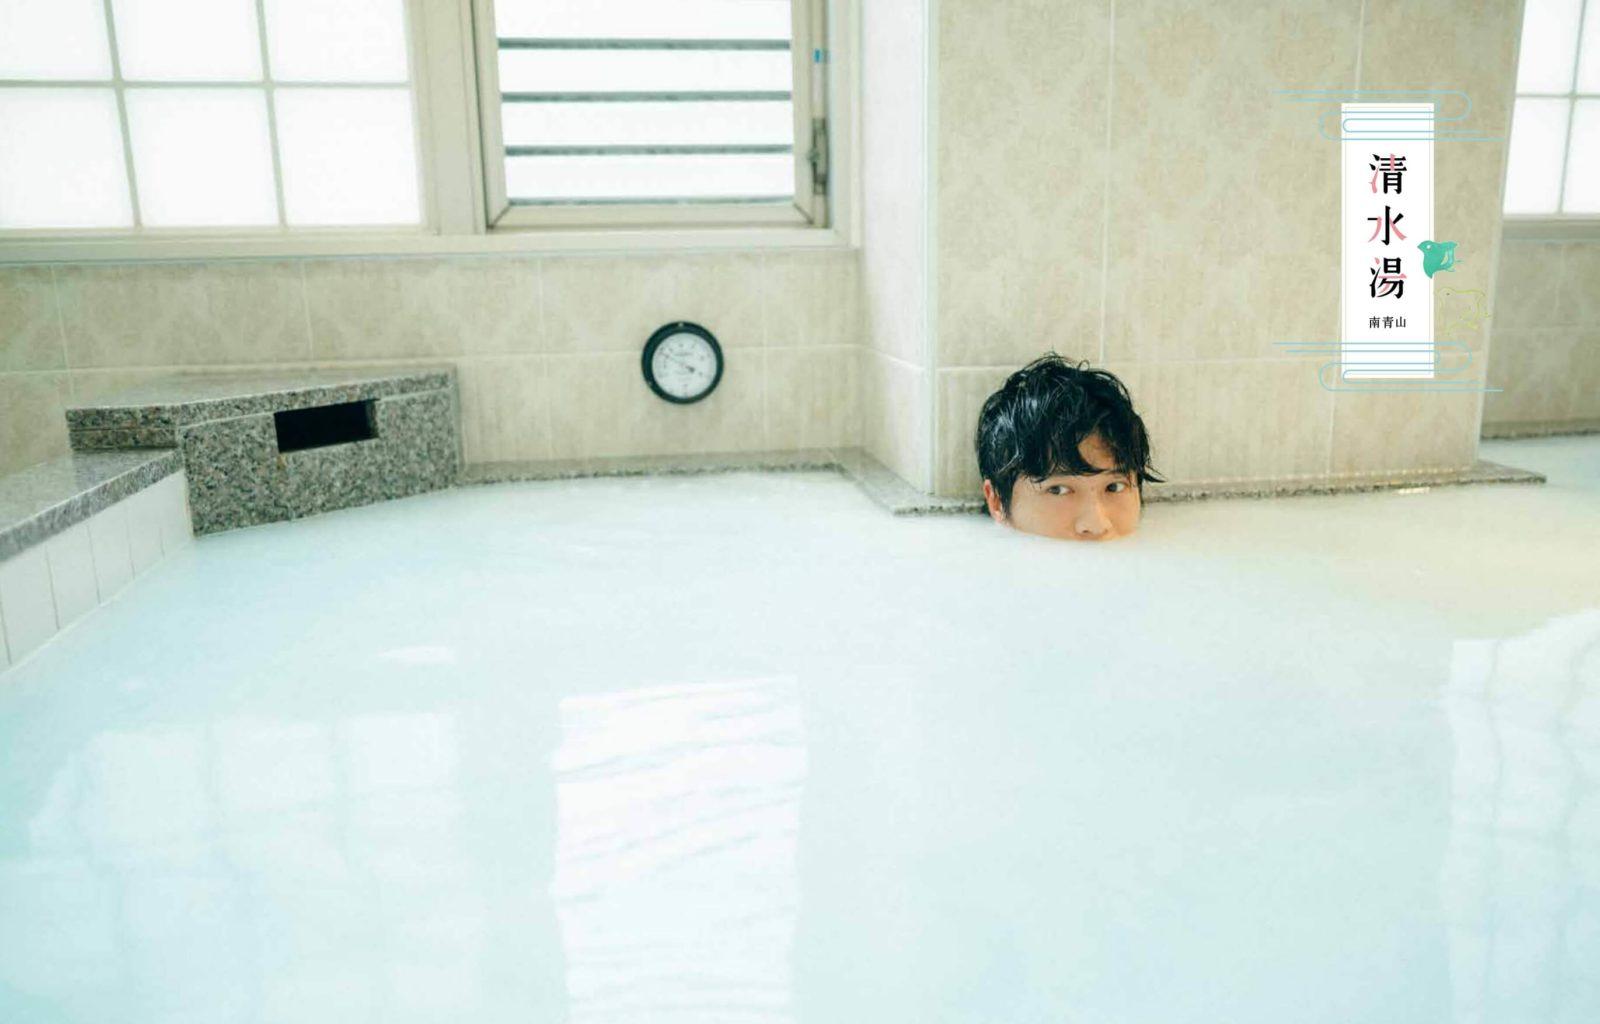 田中圭が銭湯と和菓子の魅力を紹介!『銭湯と和菓子と田中圭(仮)』予約殺到で発売前に重版が決定サムネイル画像